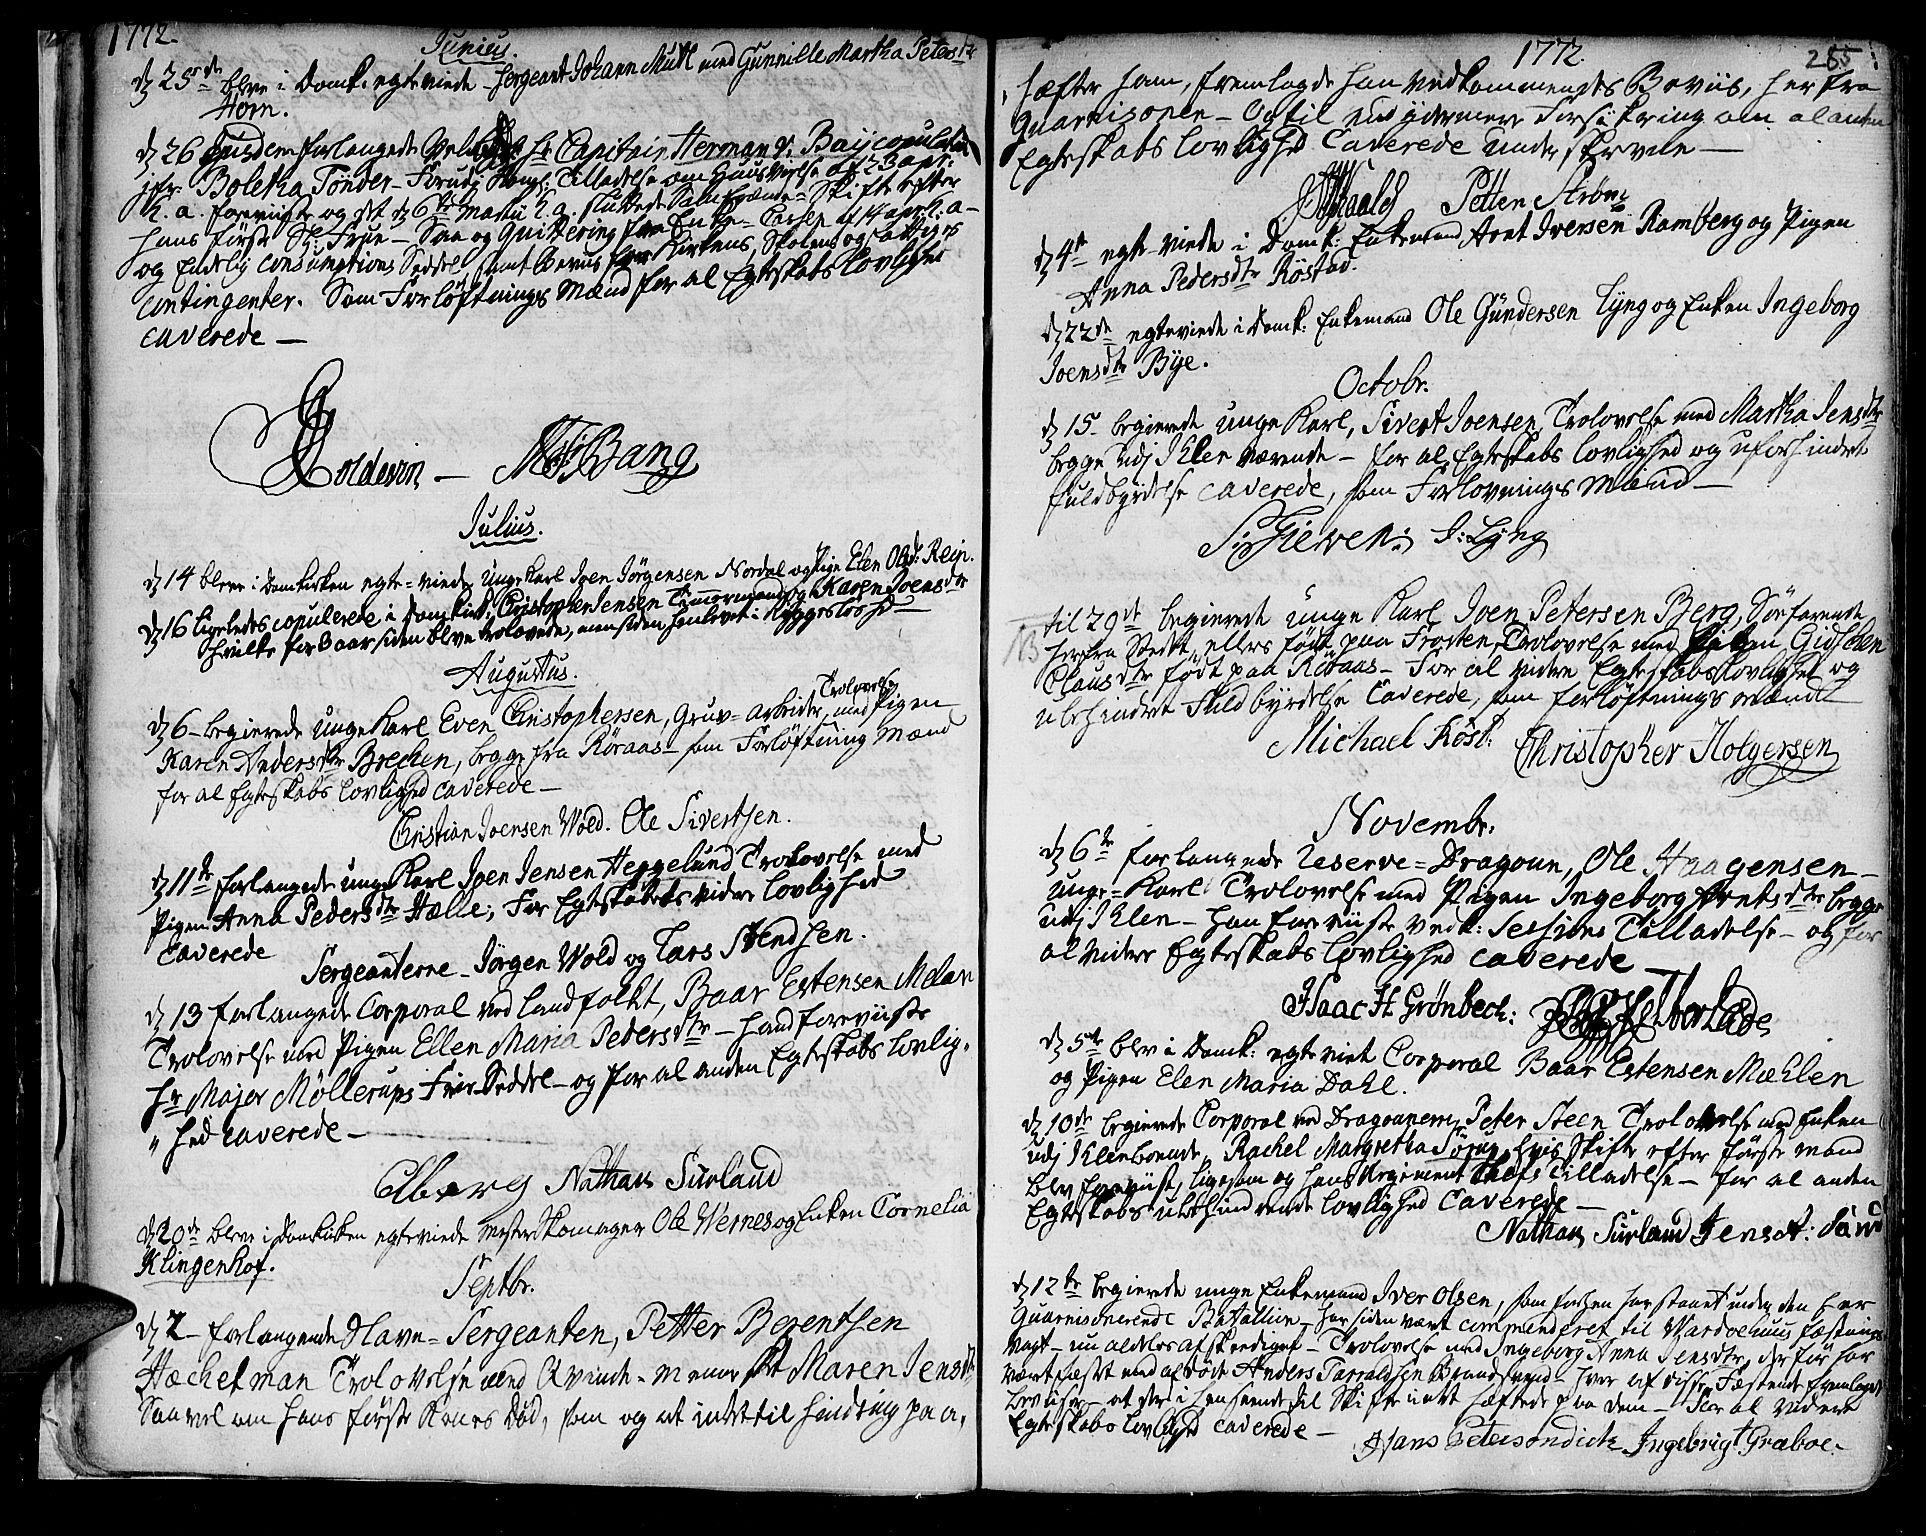 SAT, Ministerialprotokoller, klokkerbøker og fødselsregistre - Sør-Trøndelag, 601/L0038: Ministerialbok nr. 601A06, 1766-1877, s. 285